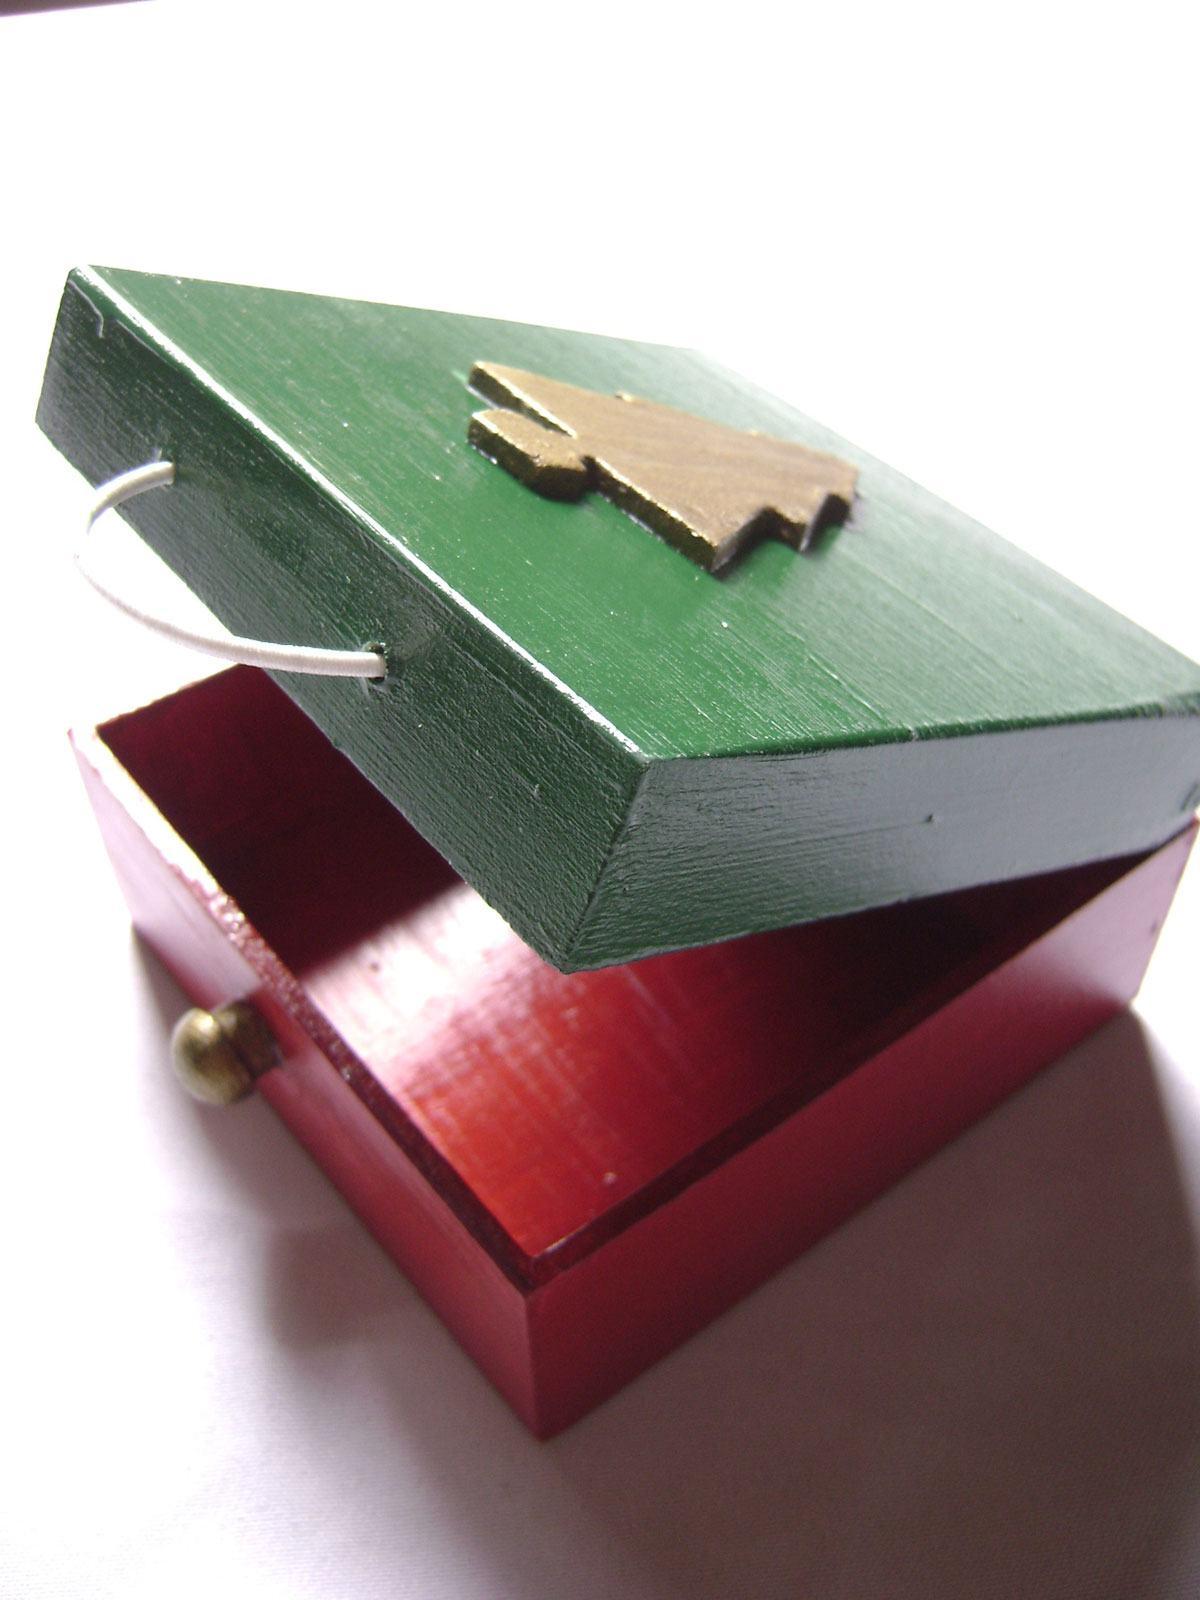 Caixa natalina colorida com as cores verde e vermelho